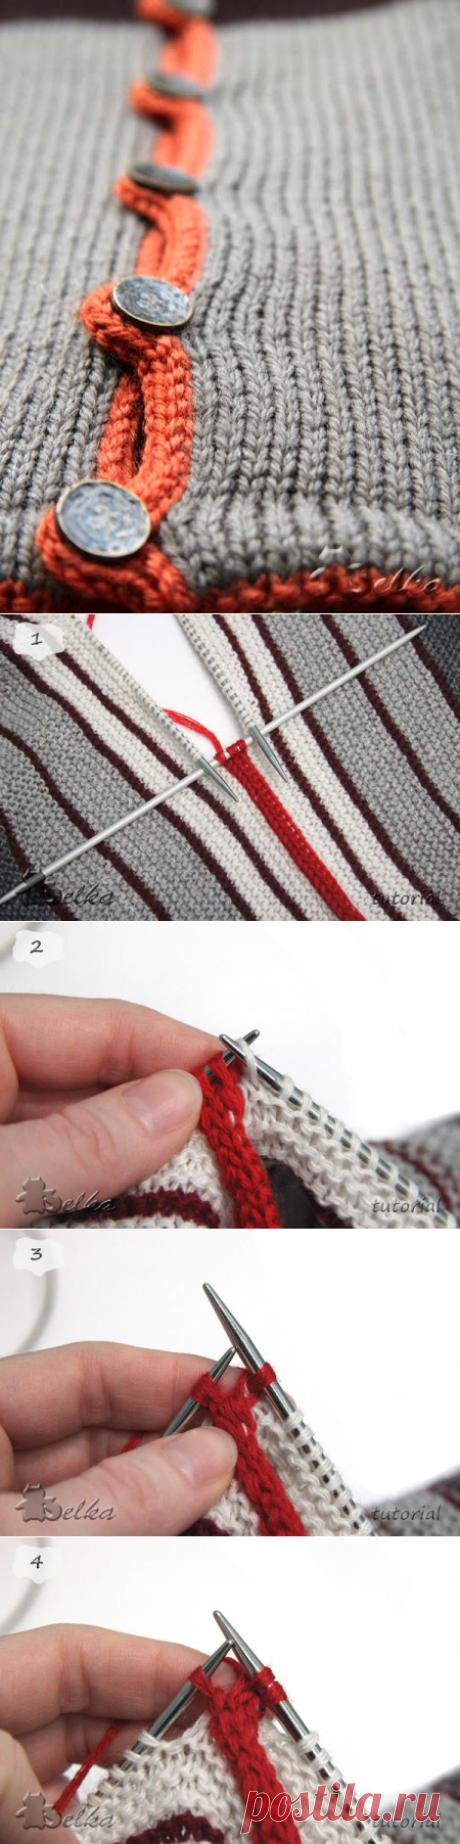 Совершенно замечательный способ соединения полотен и обвязки края методом i-cord. МК